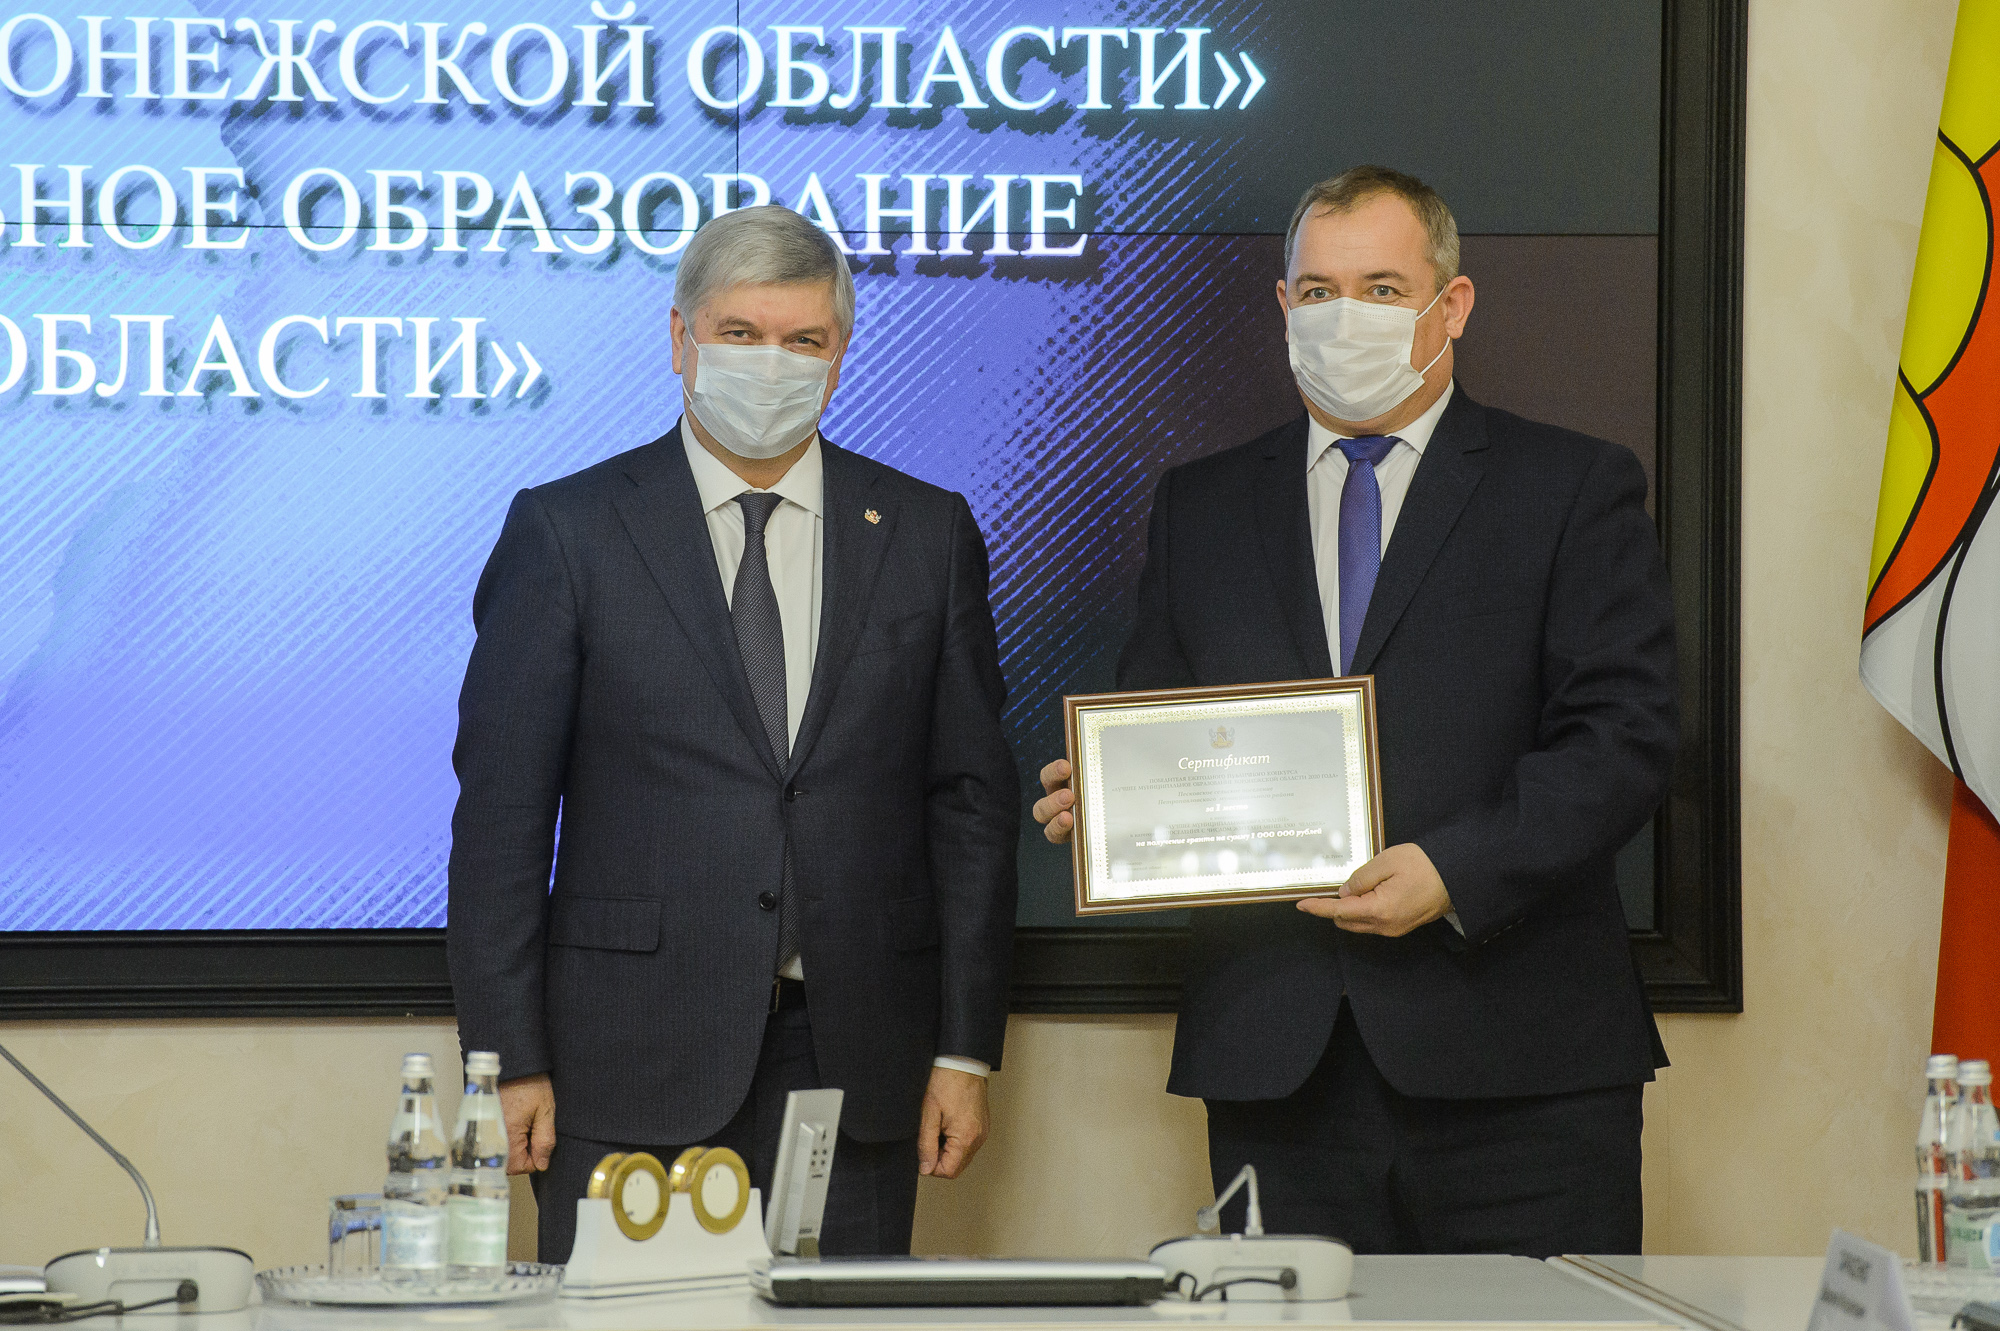 Губернатор наградил победителей двух конкурсов сельских территорий.